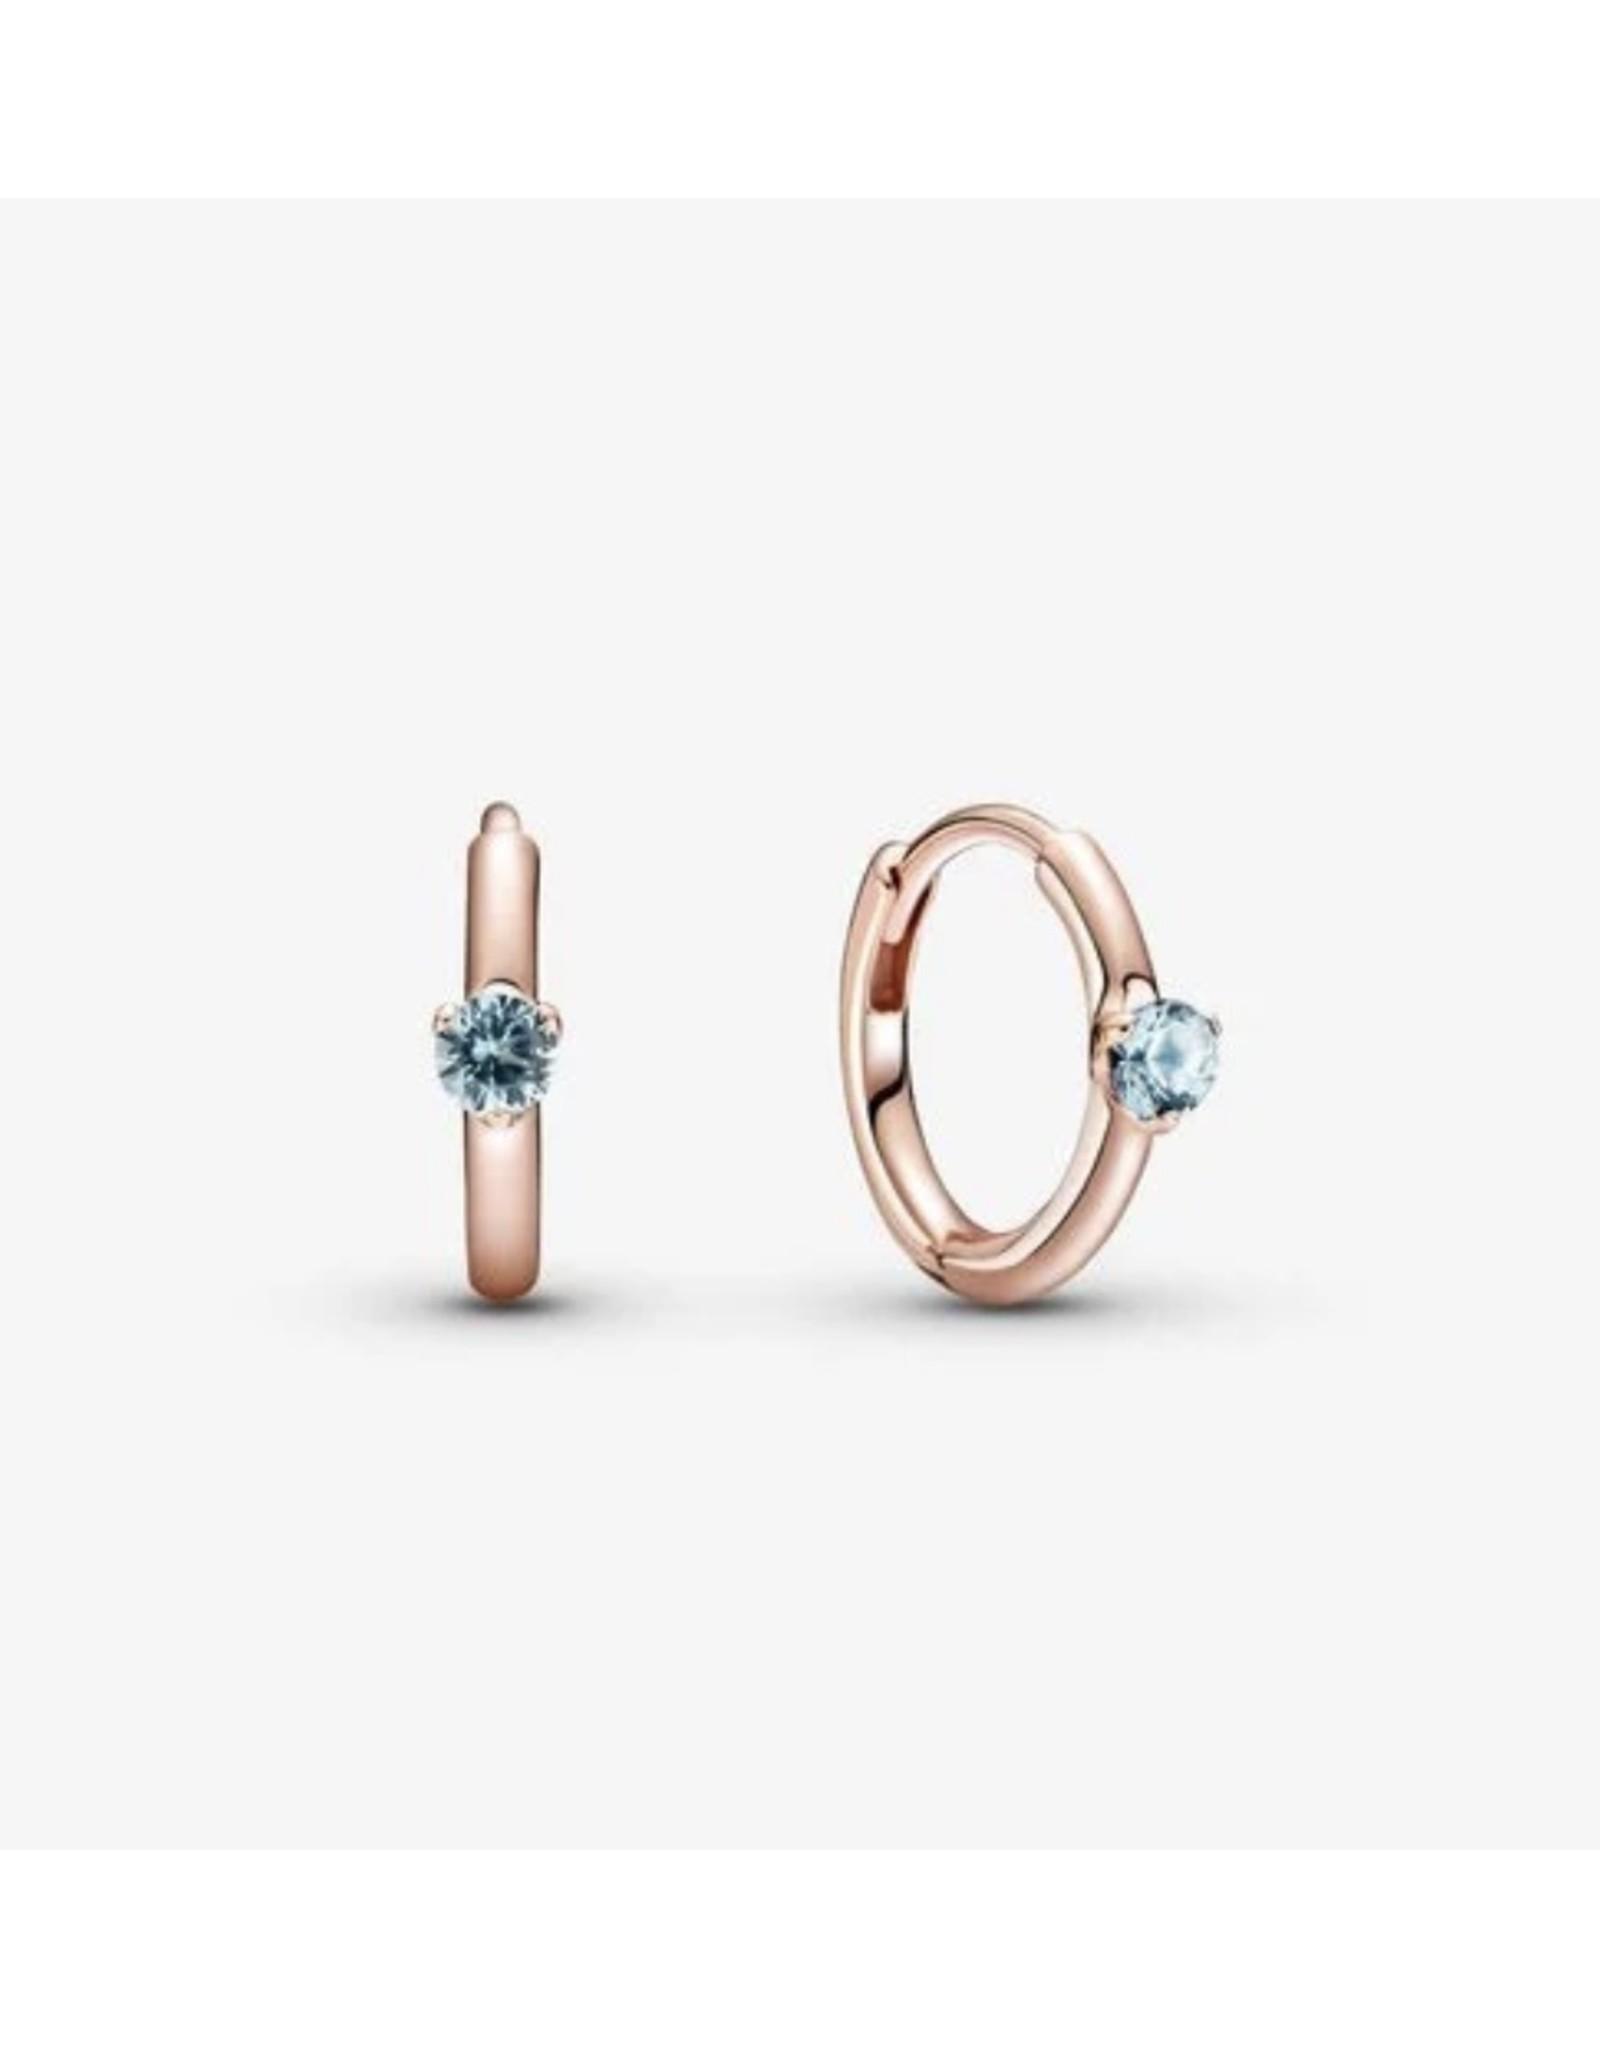 Pandora Pandora Earrings,289304C02, Solitaire Huggie Hoops, Blue Crystal